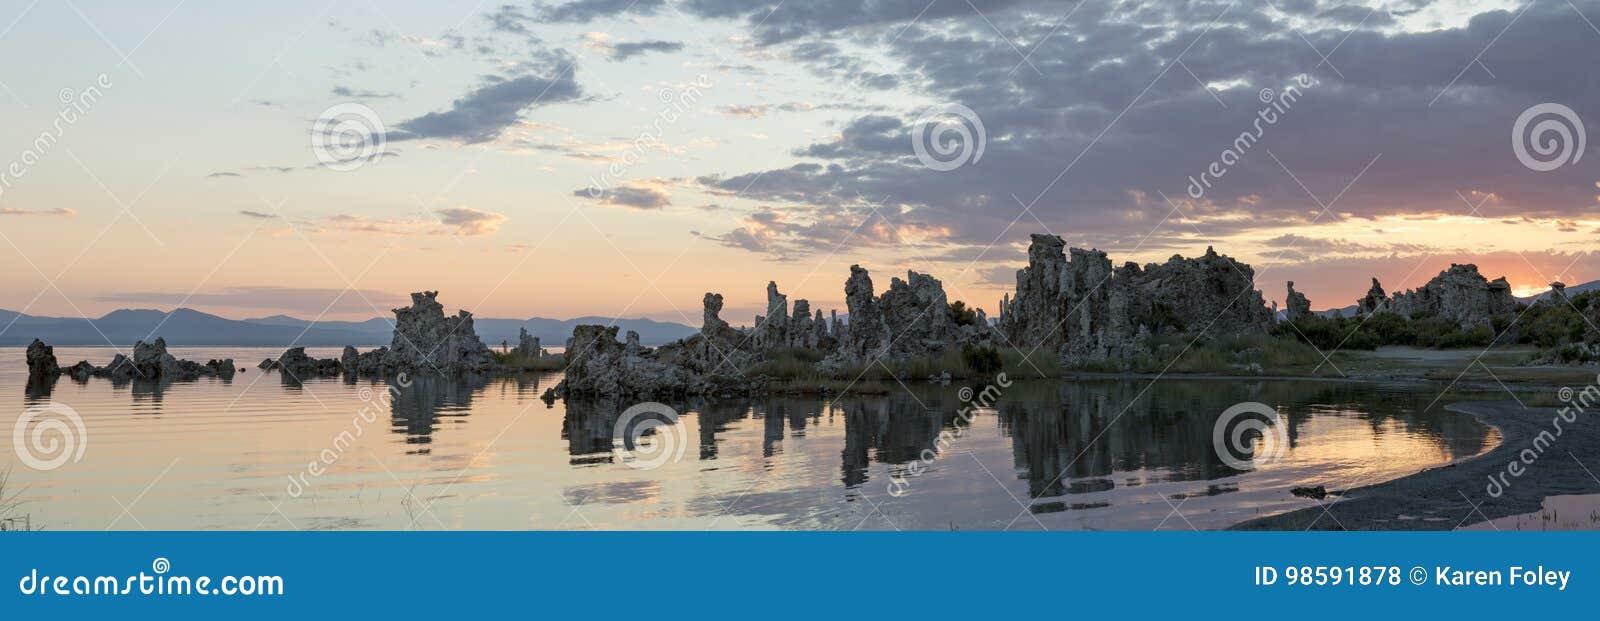 Susrise sobre formações litorais do tufo no mono lago